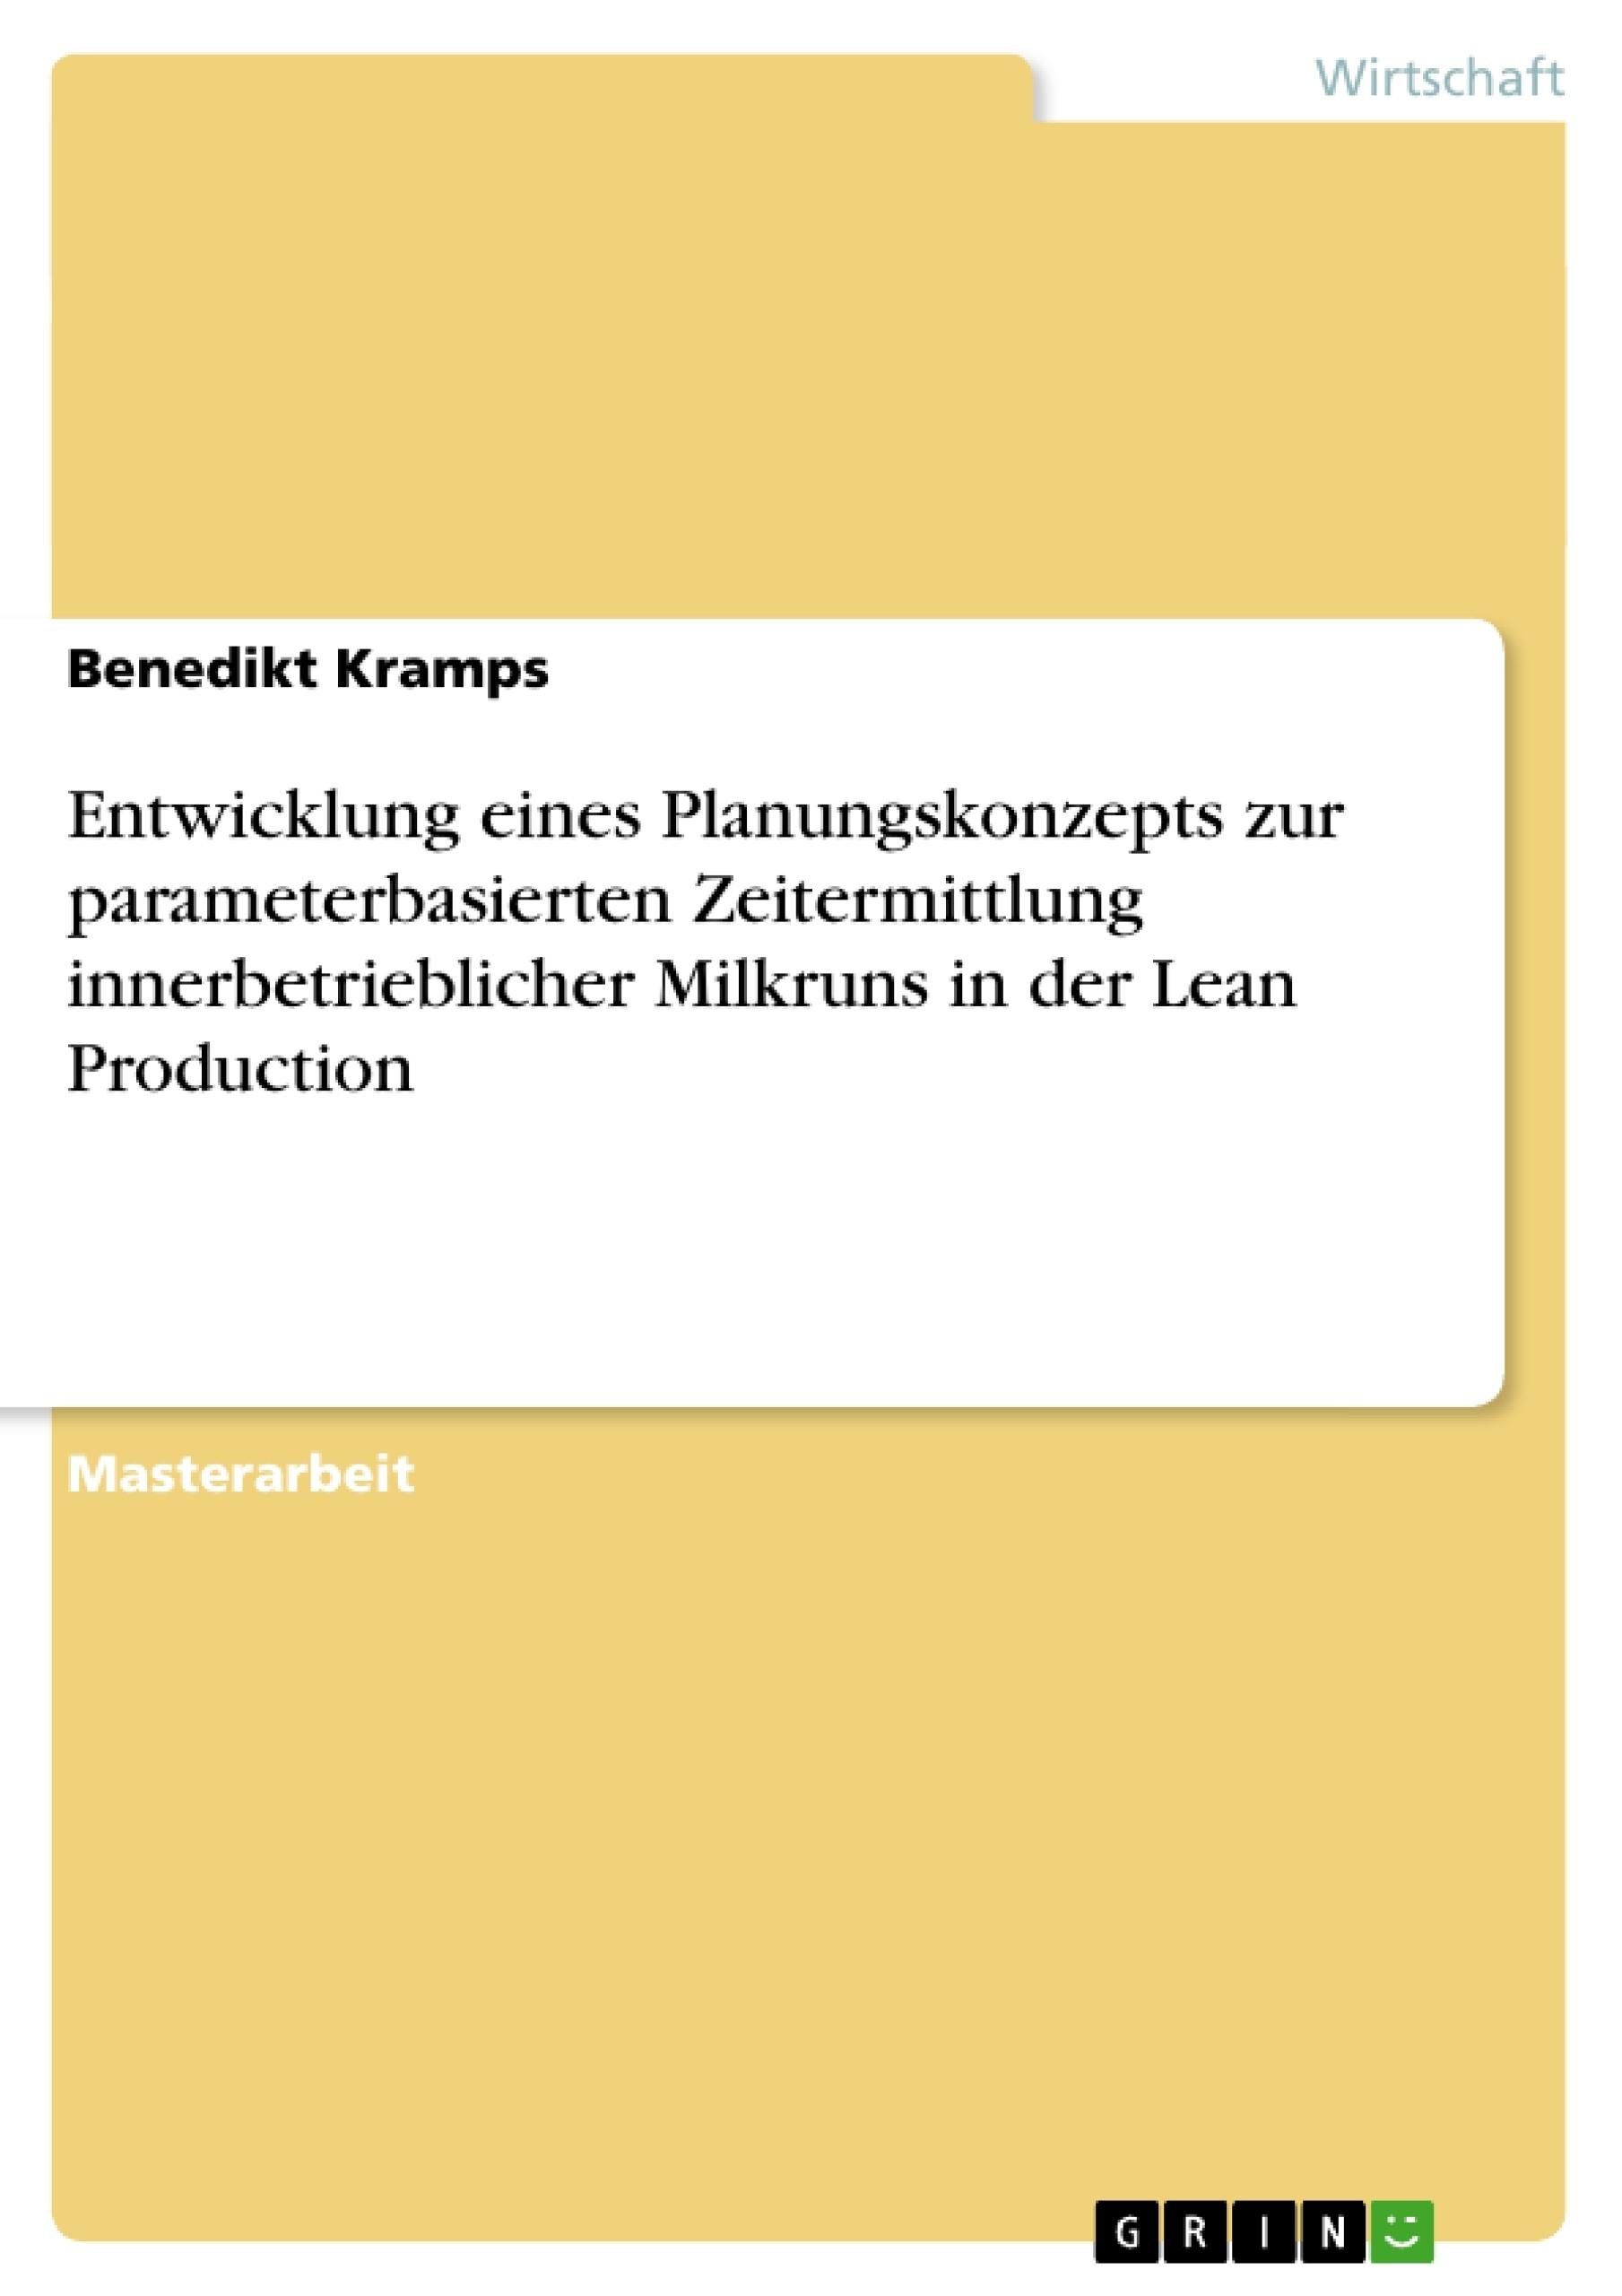 Titel: Entwicklung eines Planungskonzepts zur parameterbasierten Zeitermittlung innerbetrieblicher Milkruns in der Lean Production